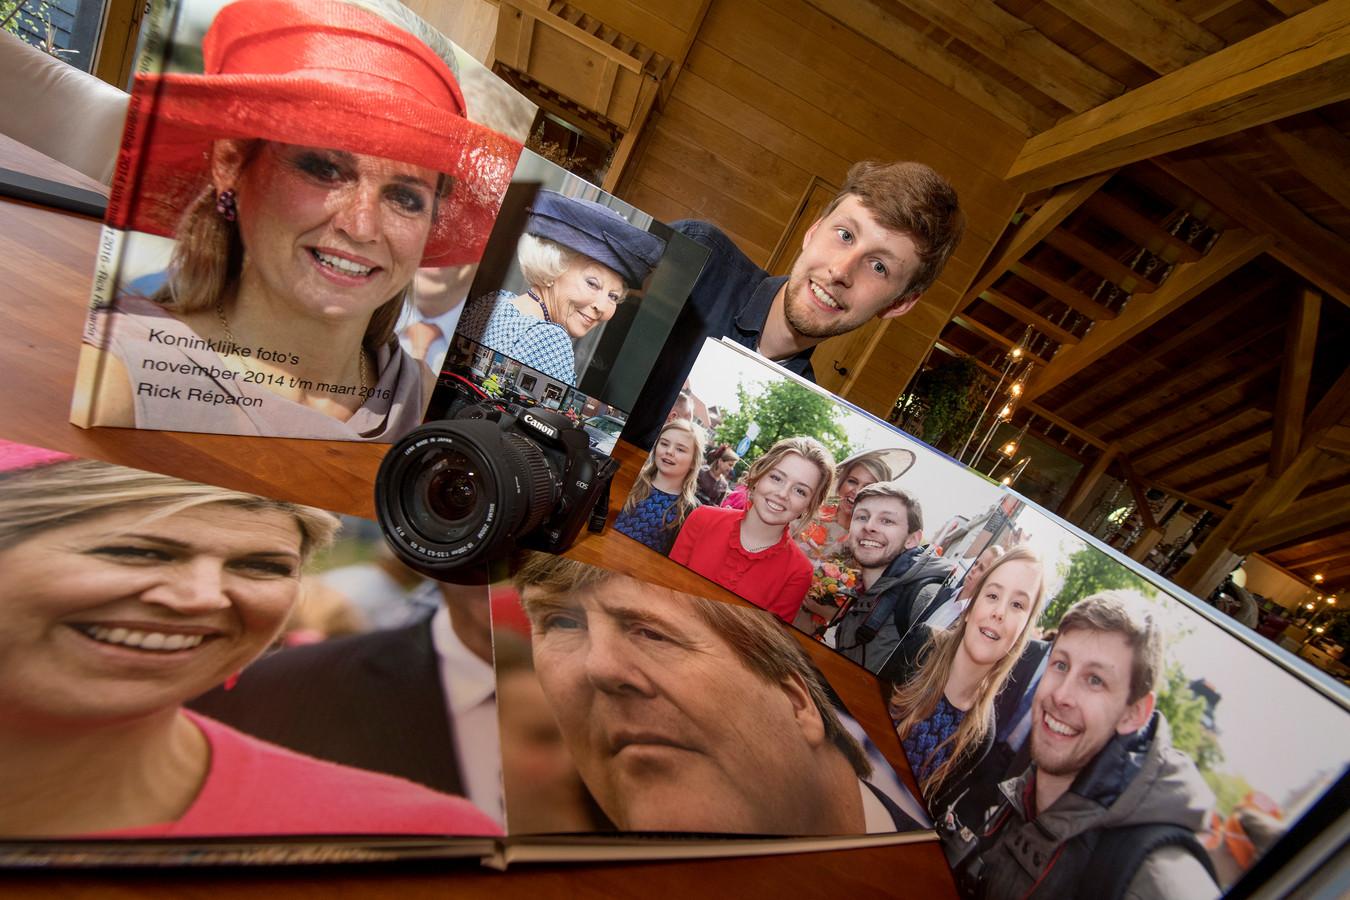 Fotograaf Rick Reparon met een selectie van zijn royalty foto's.